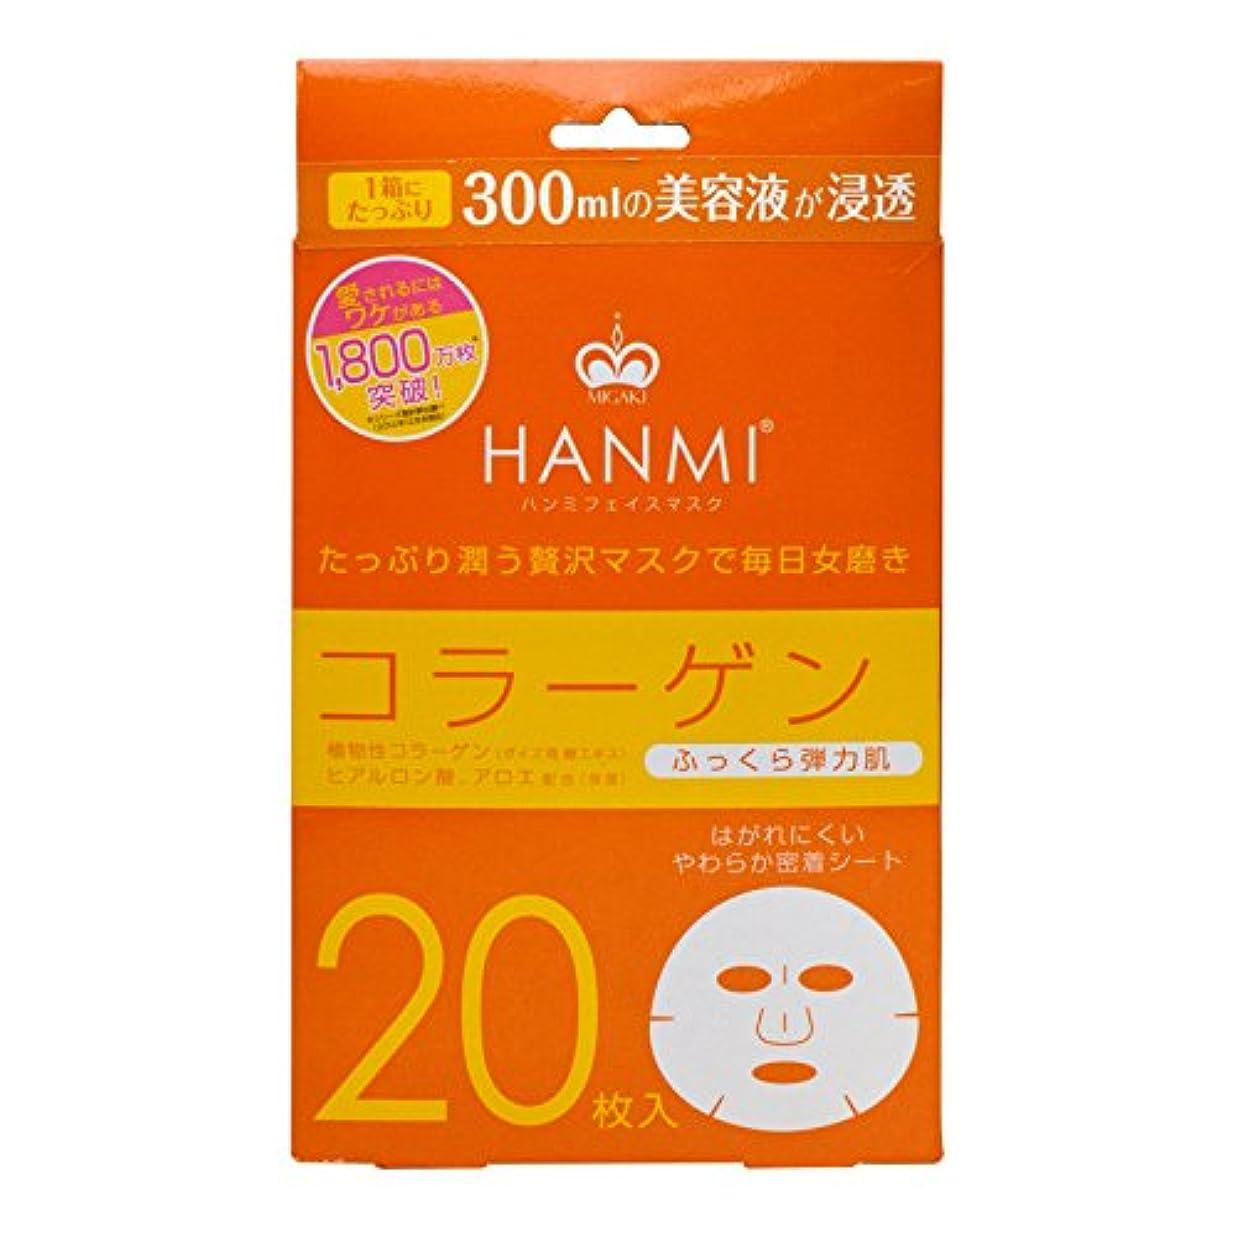 ページェント到着幸運MIGAKI ハンミフェイスマスク コラーゲン 20枚入り